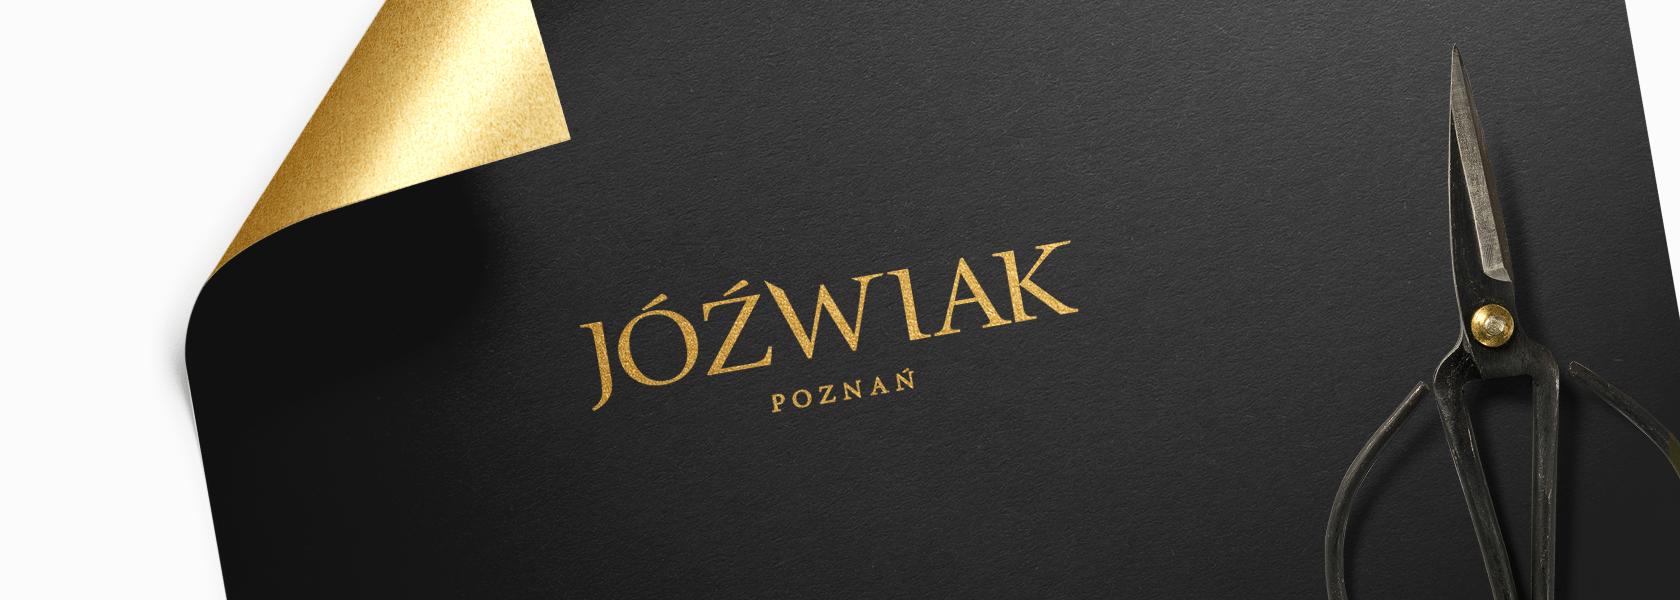 Nowa identyfikacja wizualna dla poznańskiego producenta tkanin Jóźwiak